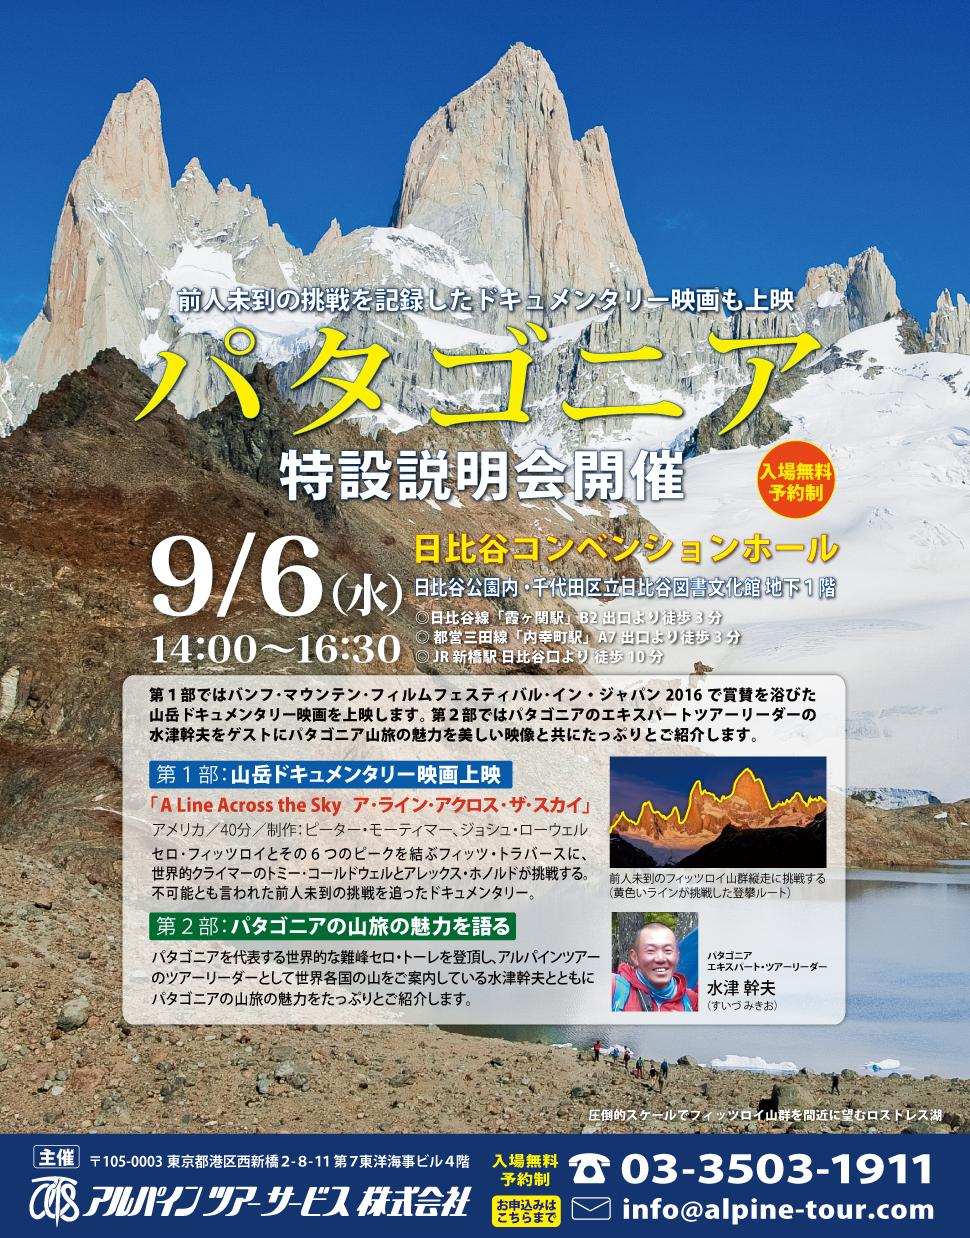 【東京】山岳ドキュメンタリー映画上映・パタゴニア特設説明会